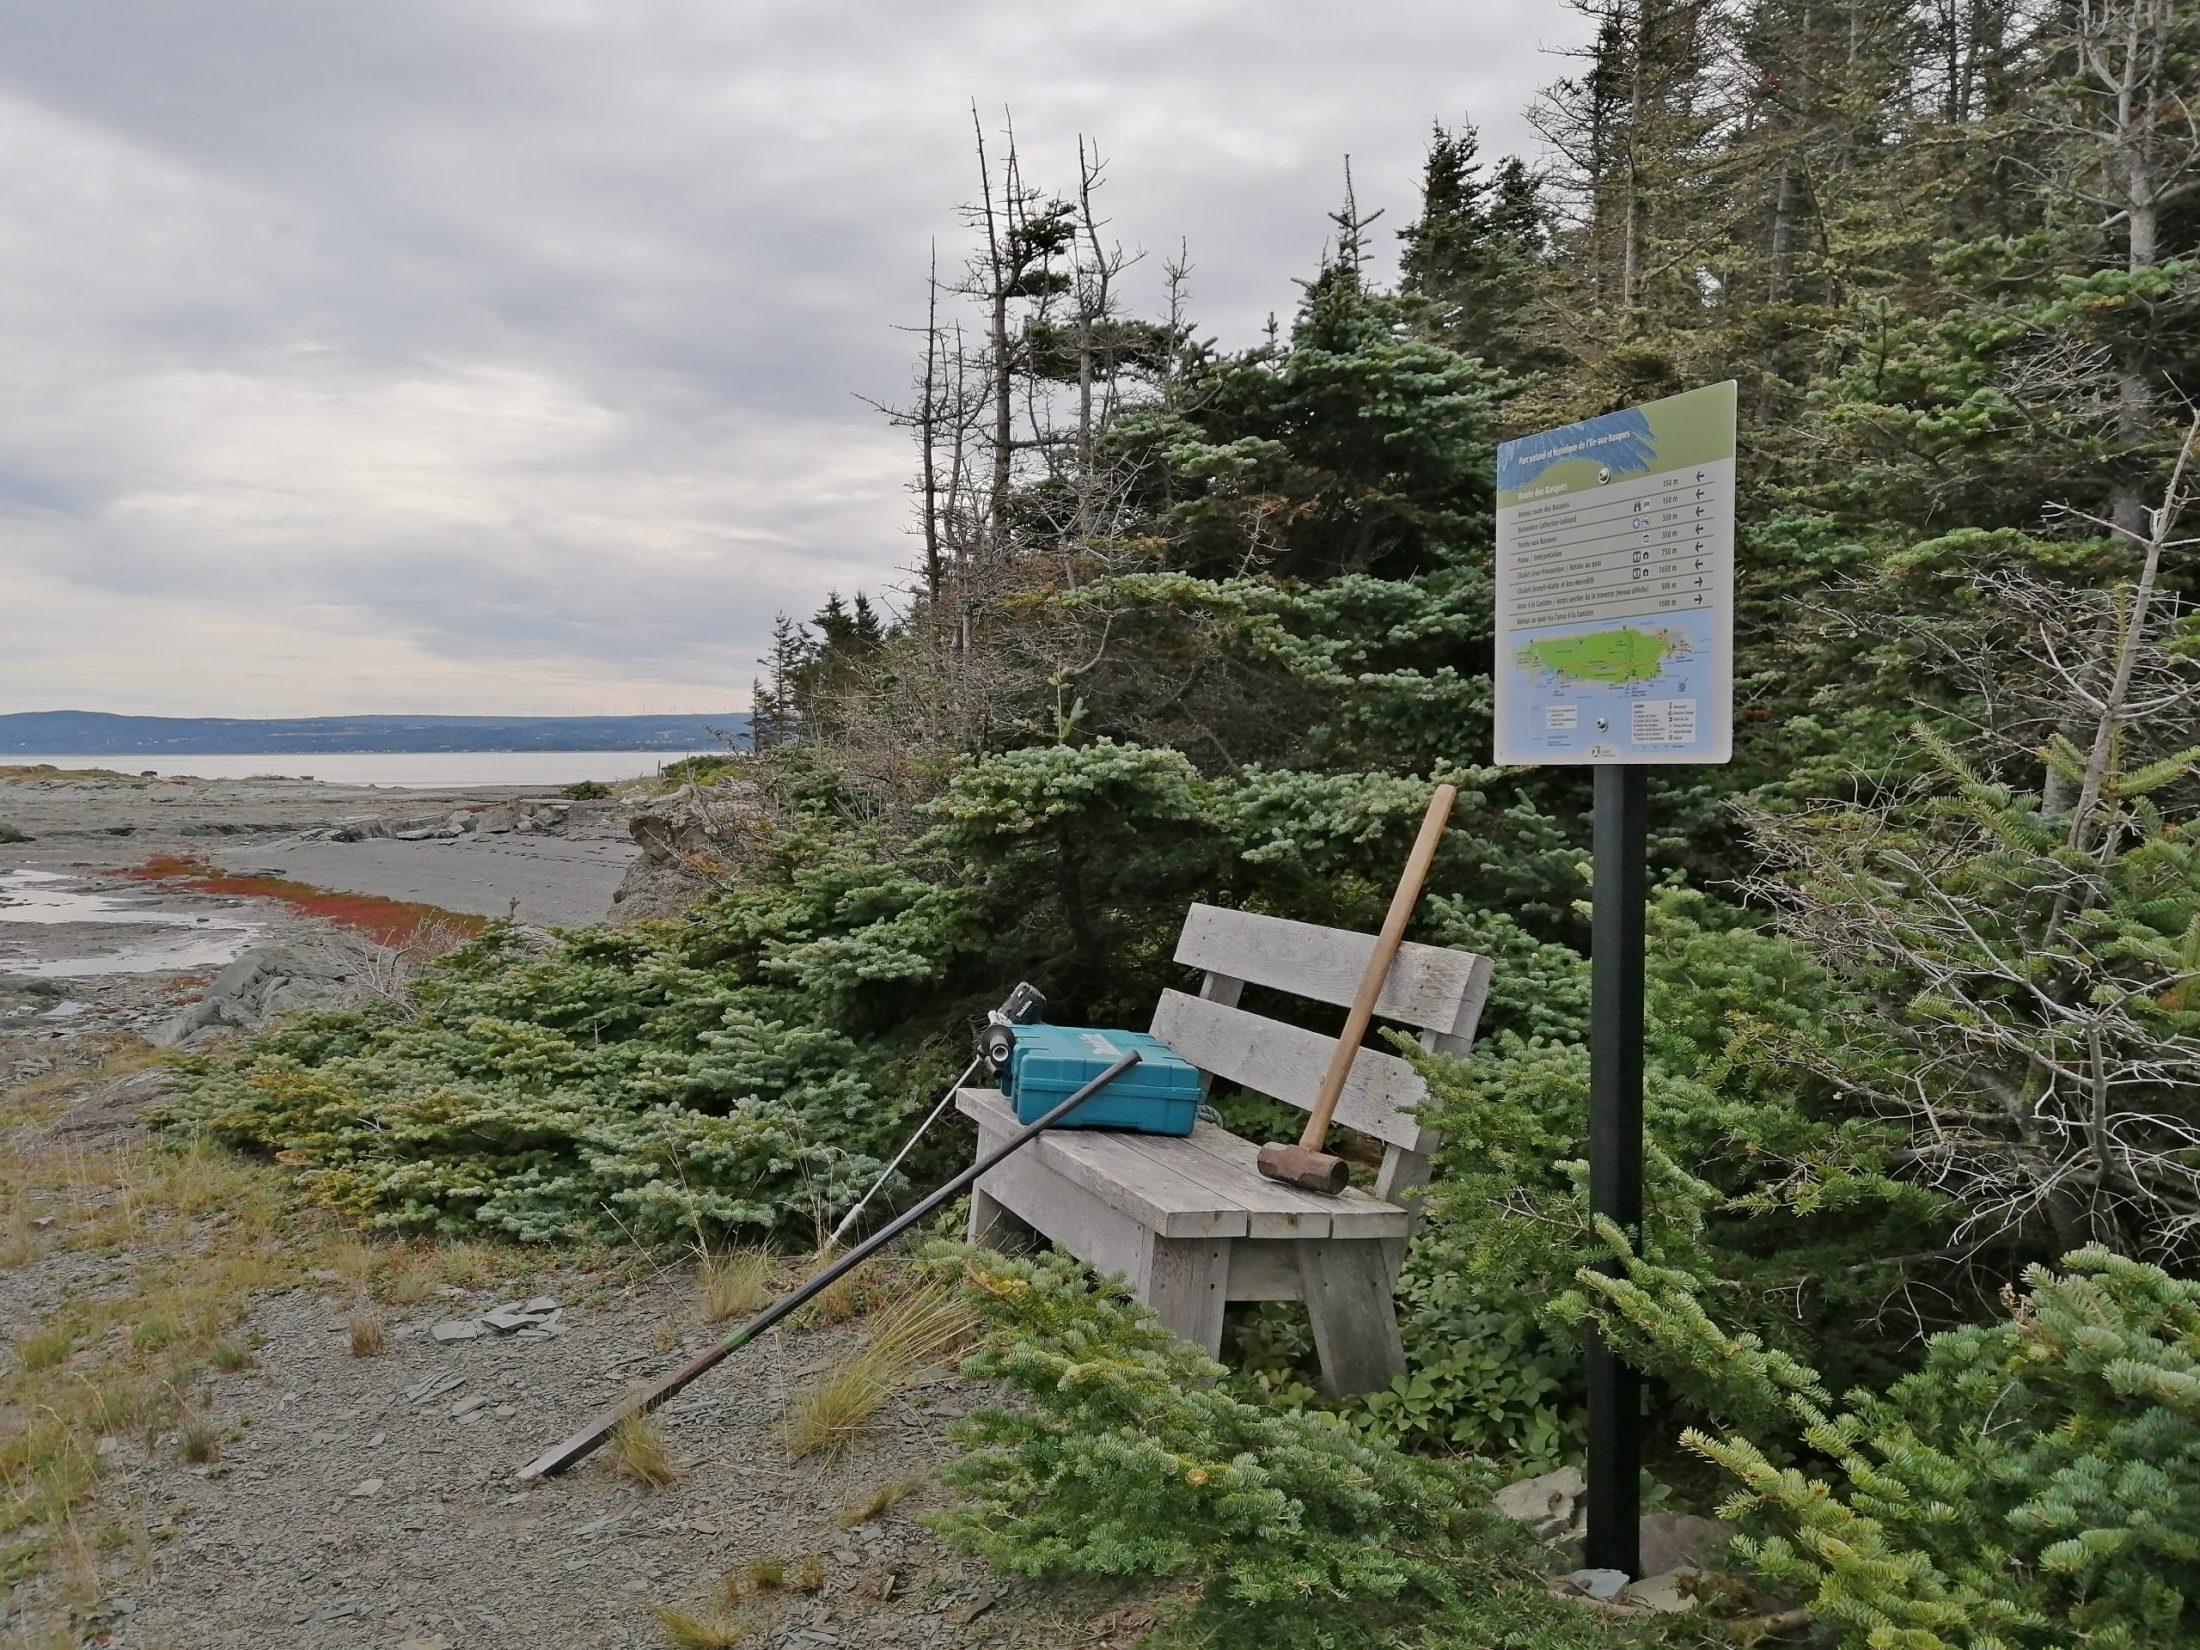 Des informations ont été placés aux endroits stratégiques. Ici, à l'anse de la Canistre située à l'est de l'île.